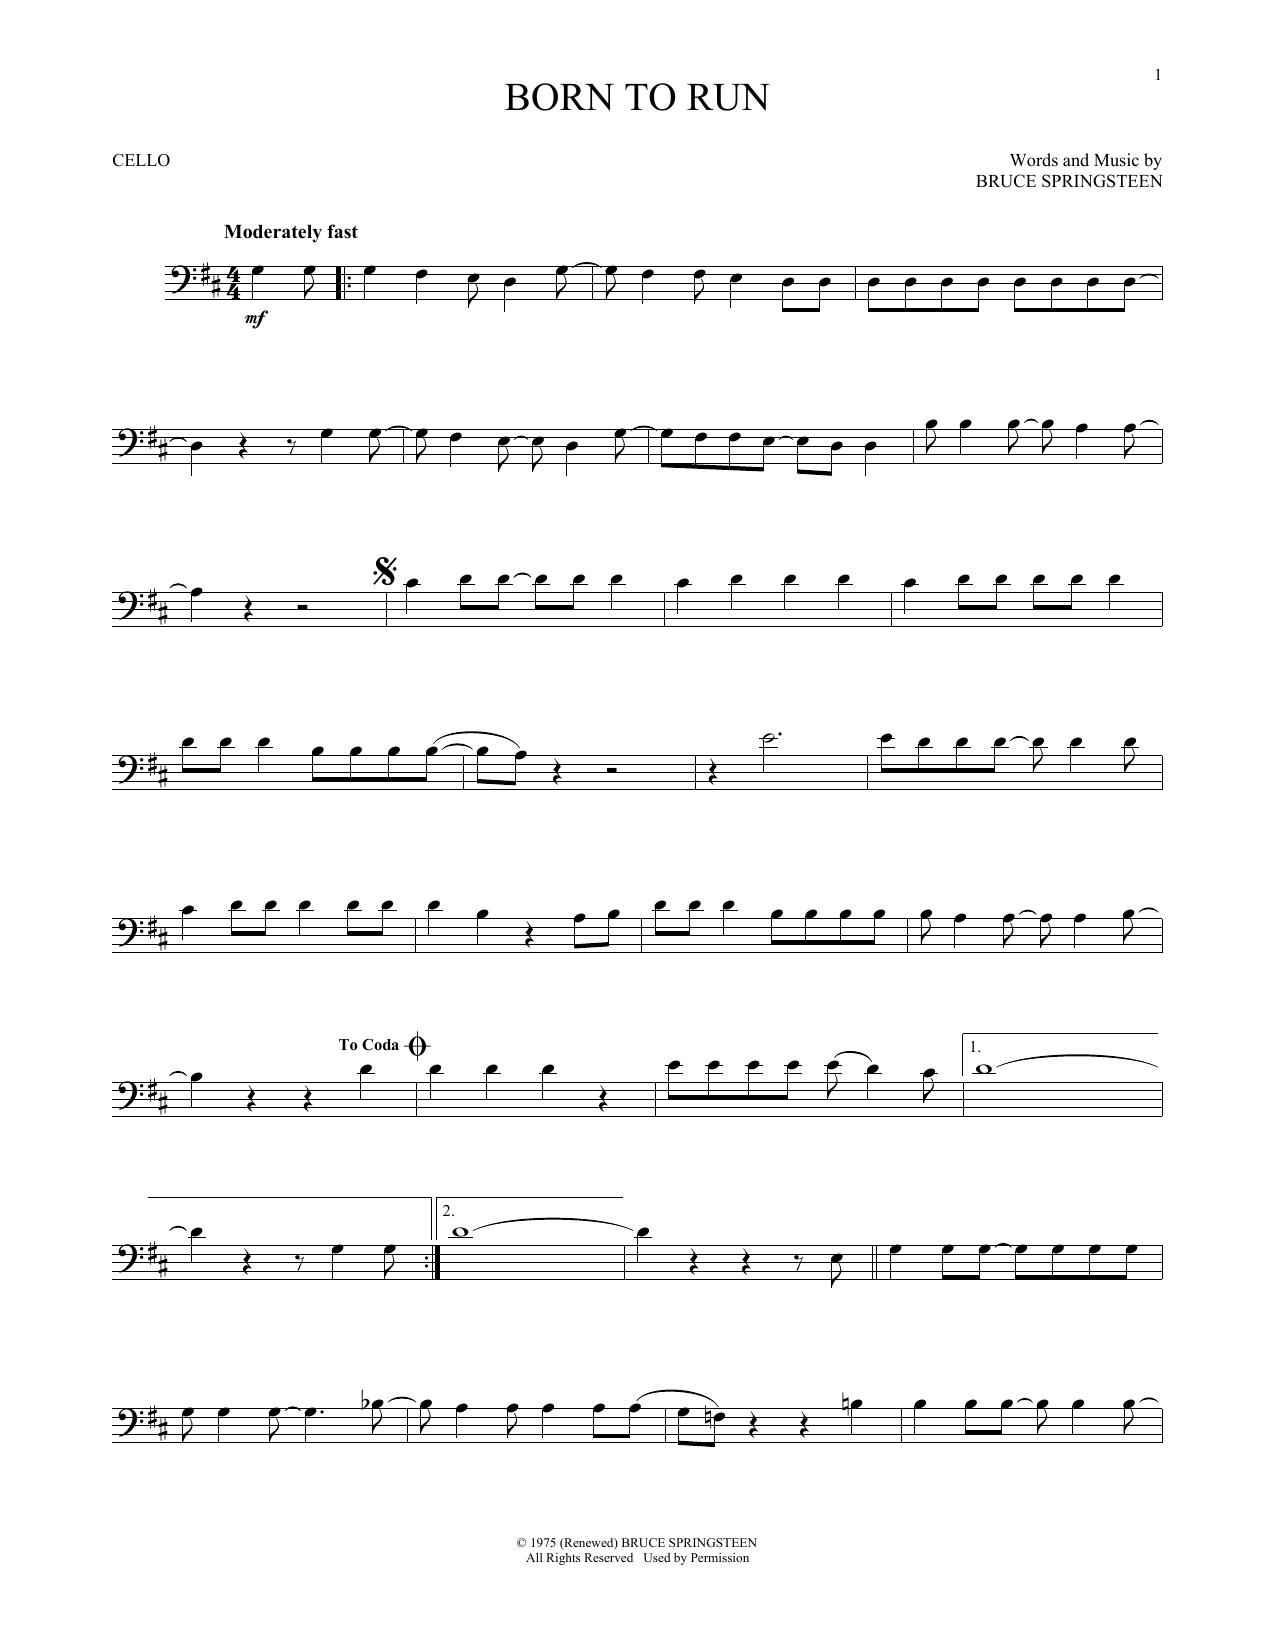 Born To Run (Cello Solo)